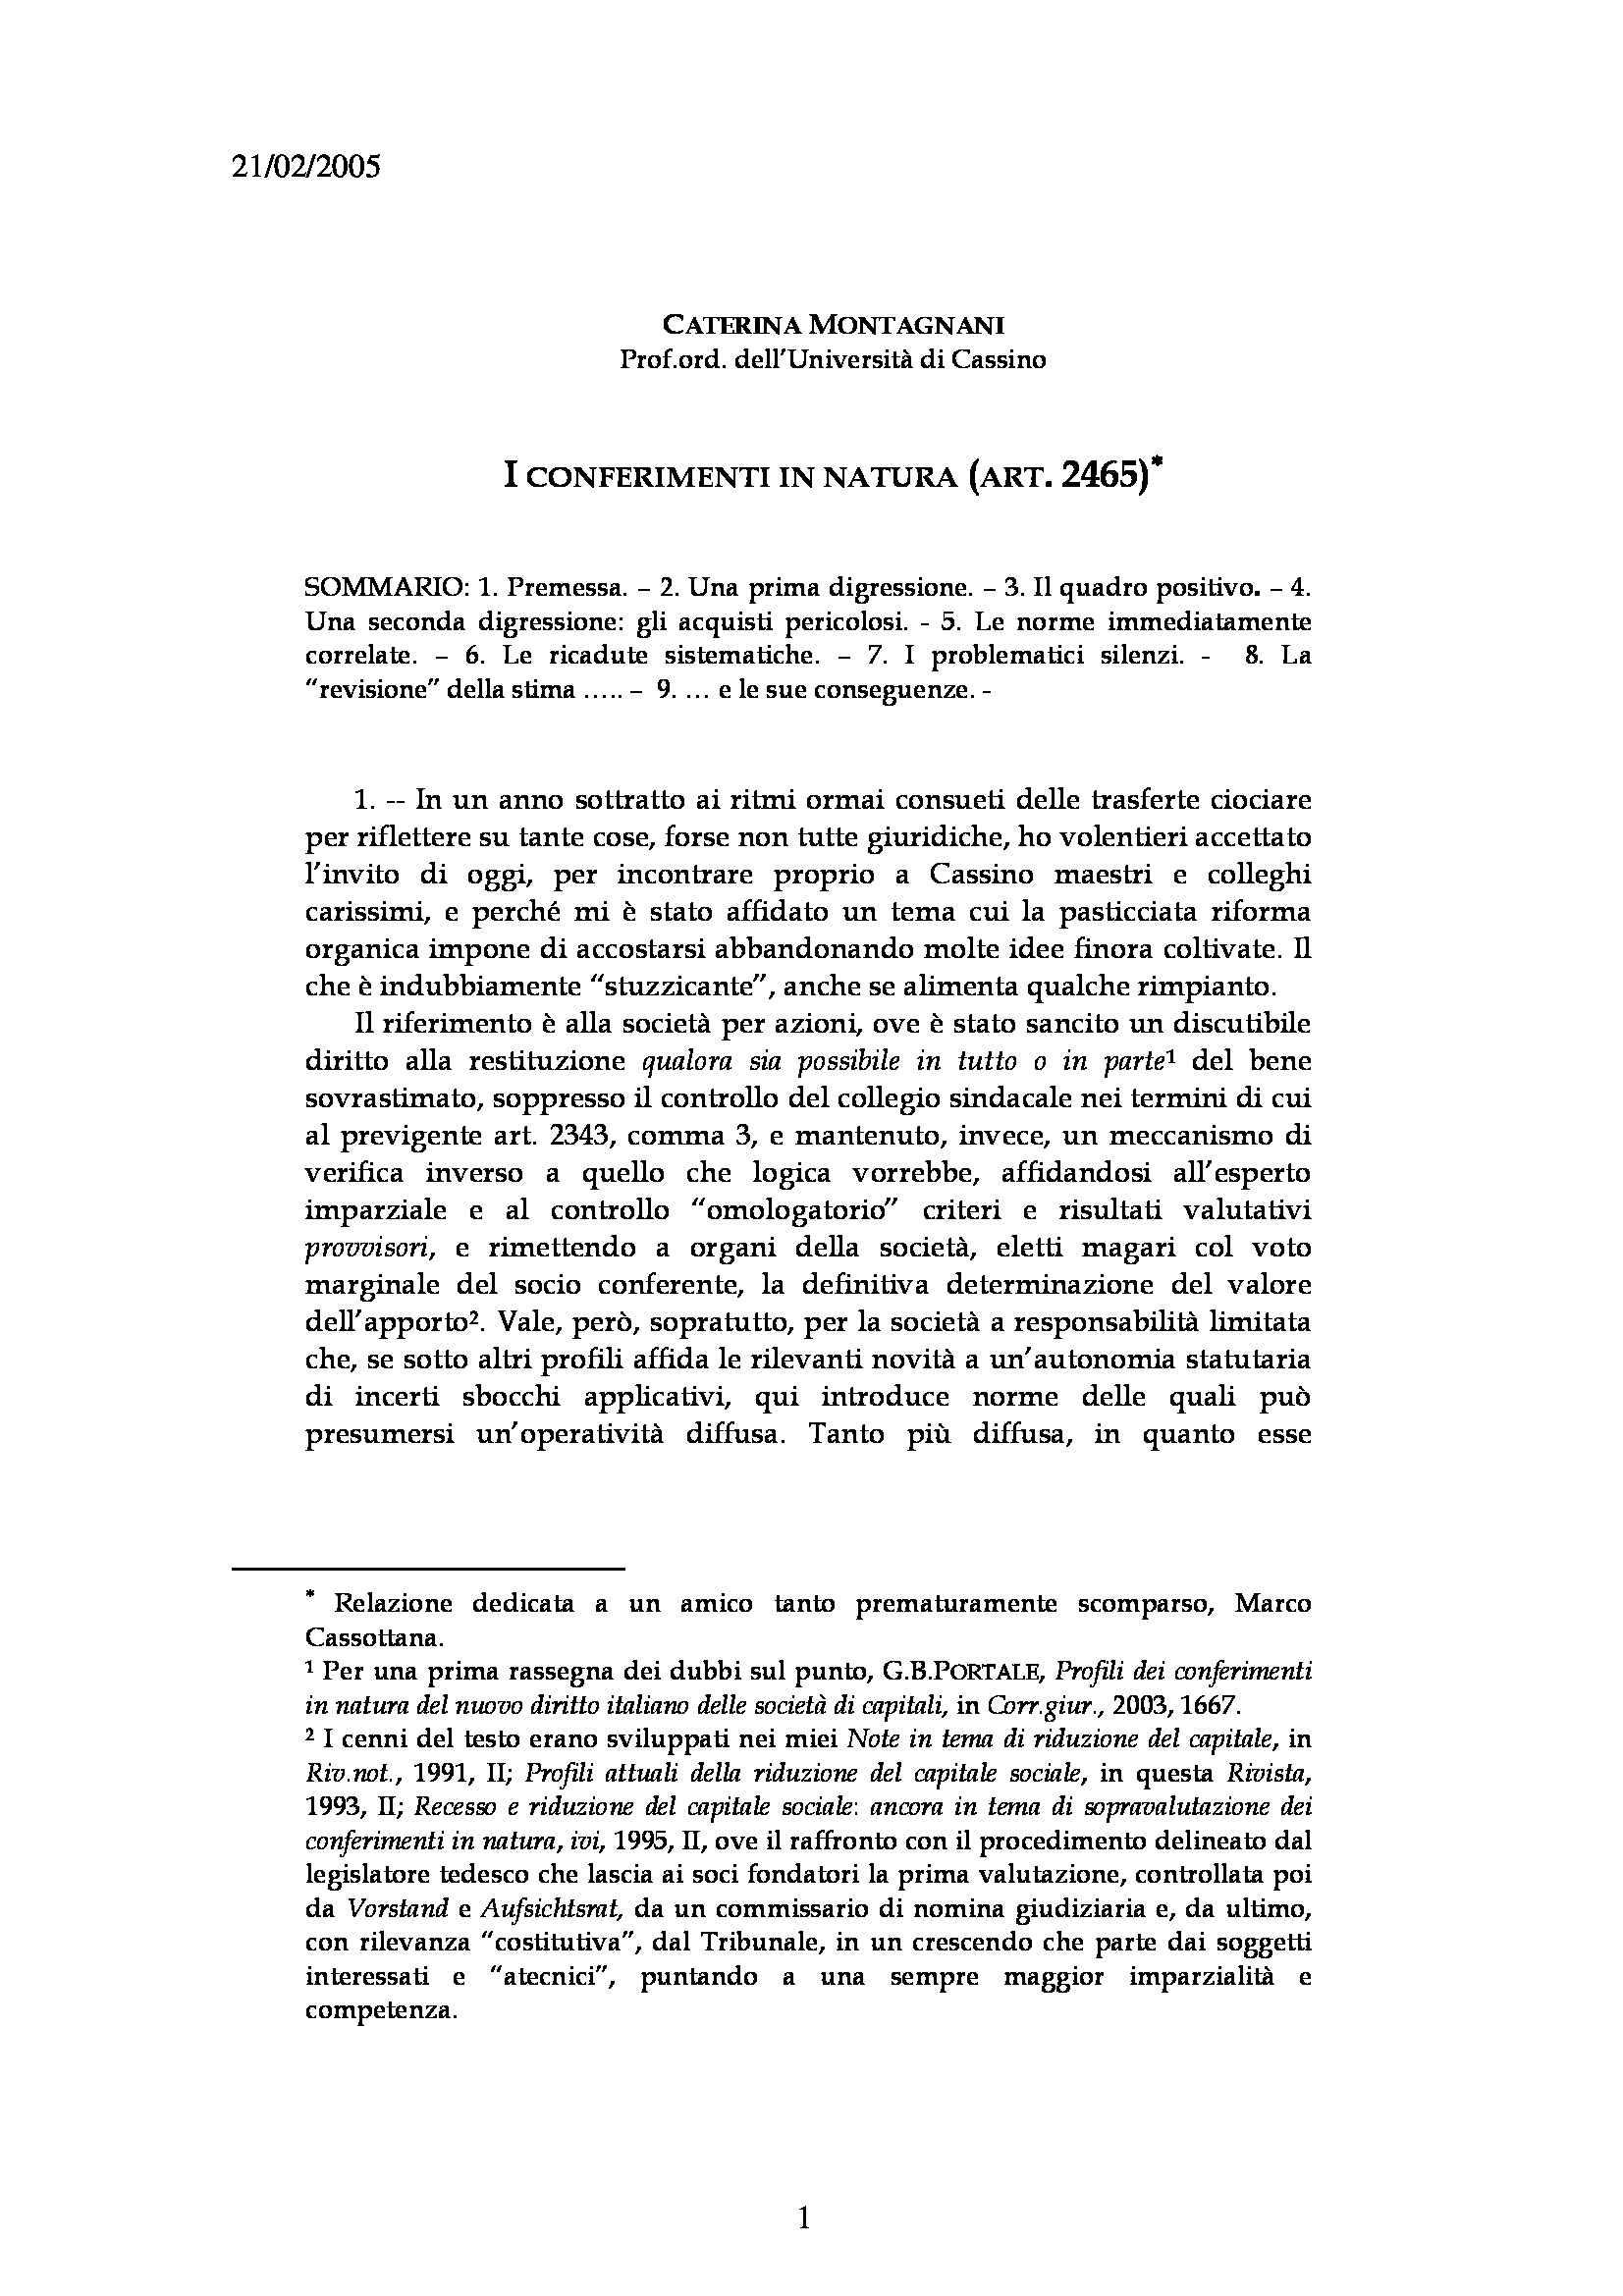 Conferimenti in natura S.r.l. - Art. 2465 c.c.